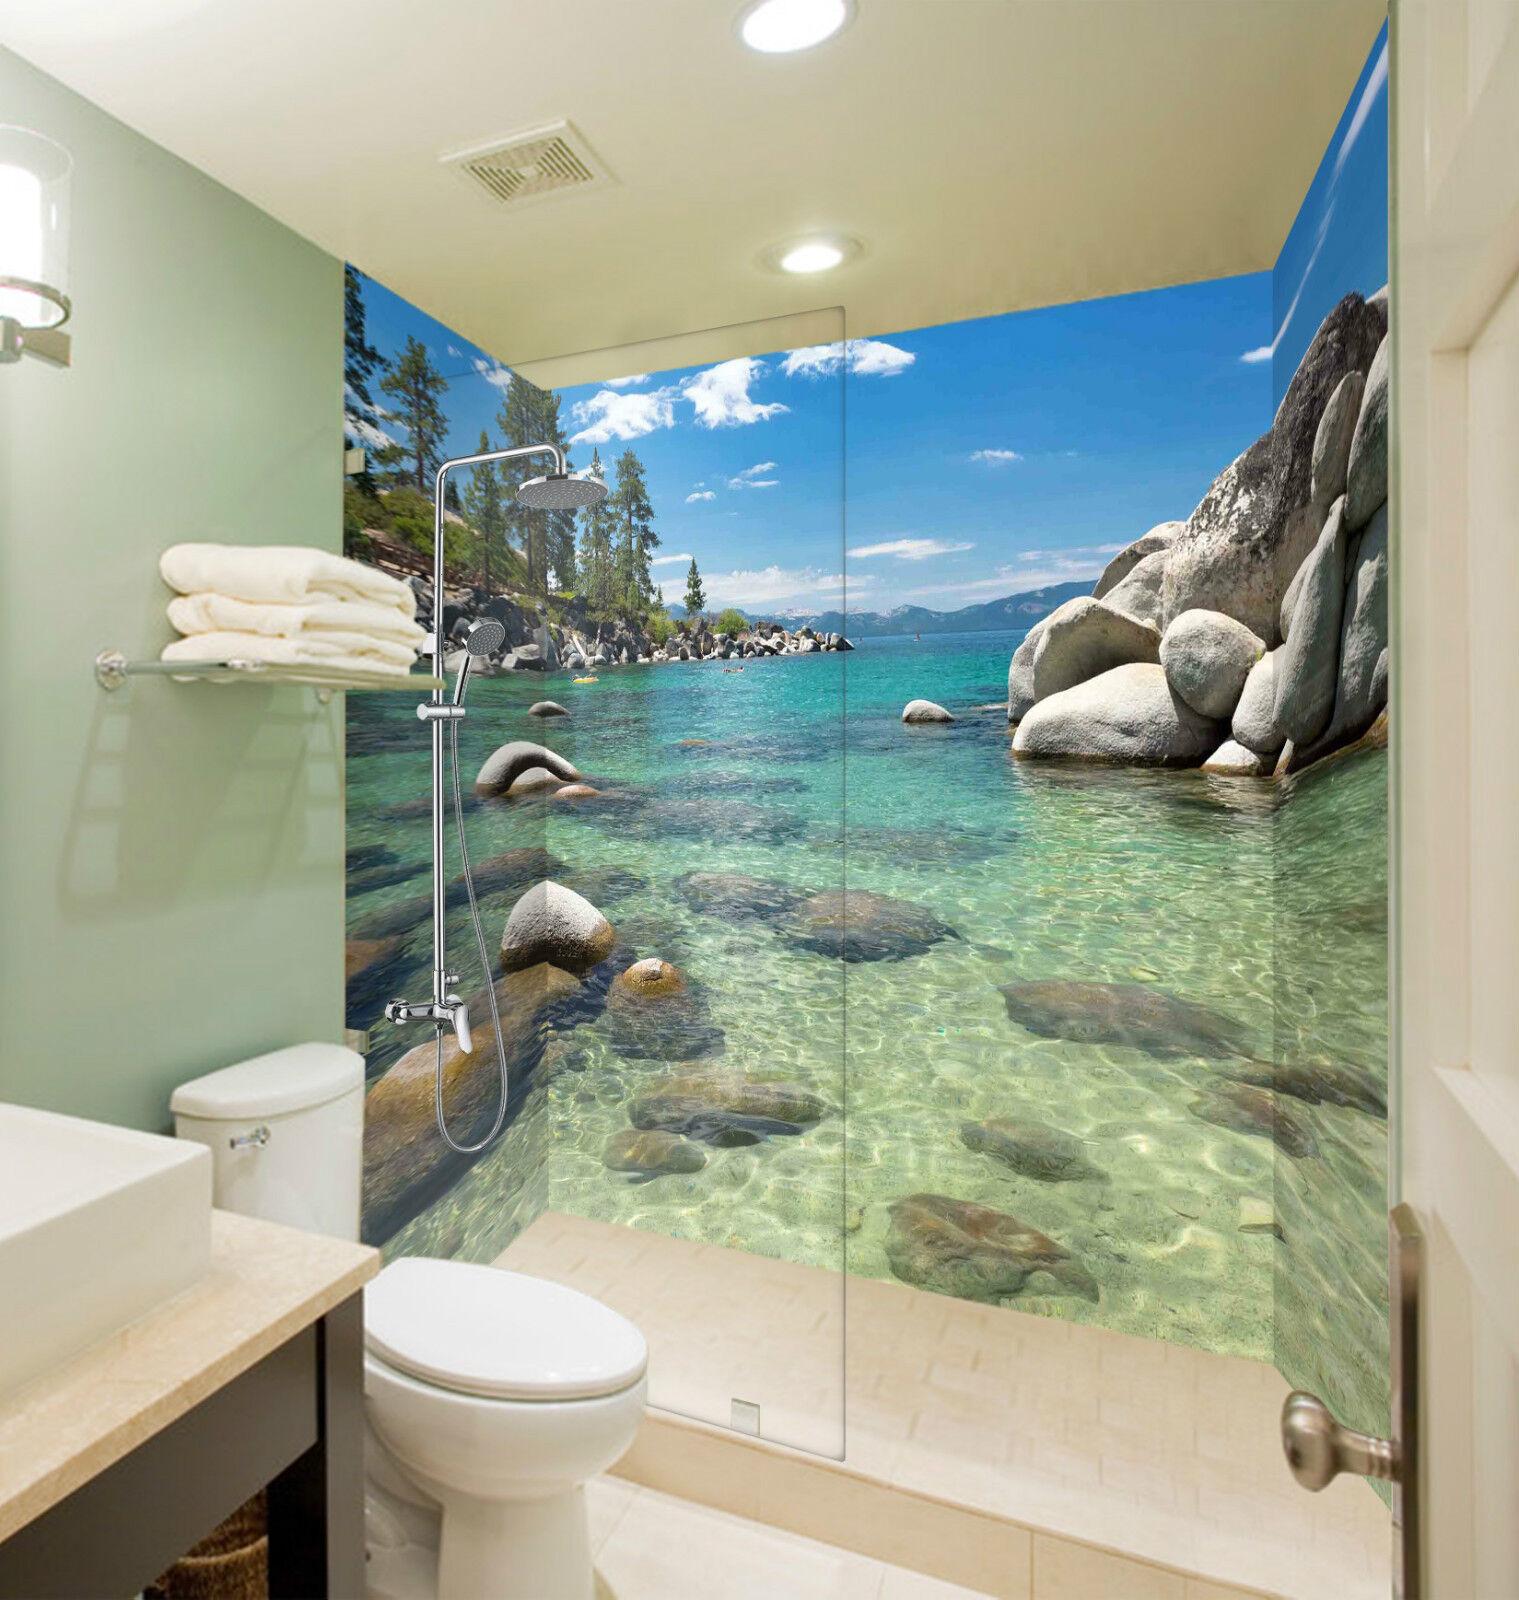 3D Sea Bay Stones 074 WallPaper Bathroom Print Decal Wall Deco AJ WALLPAPER CA